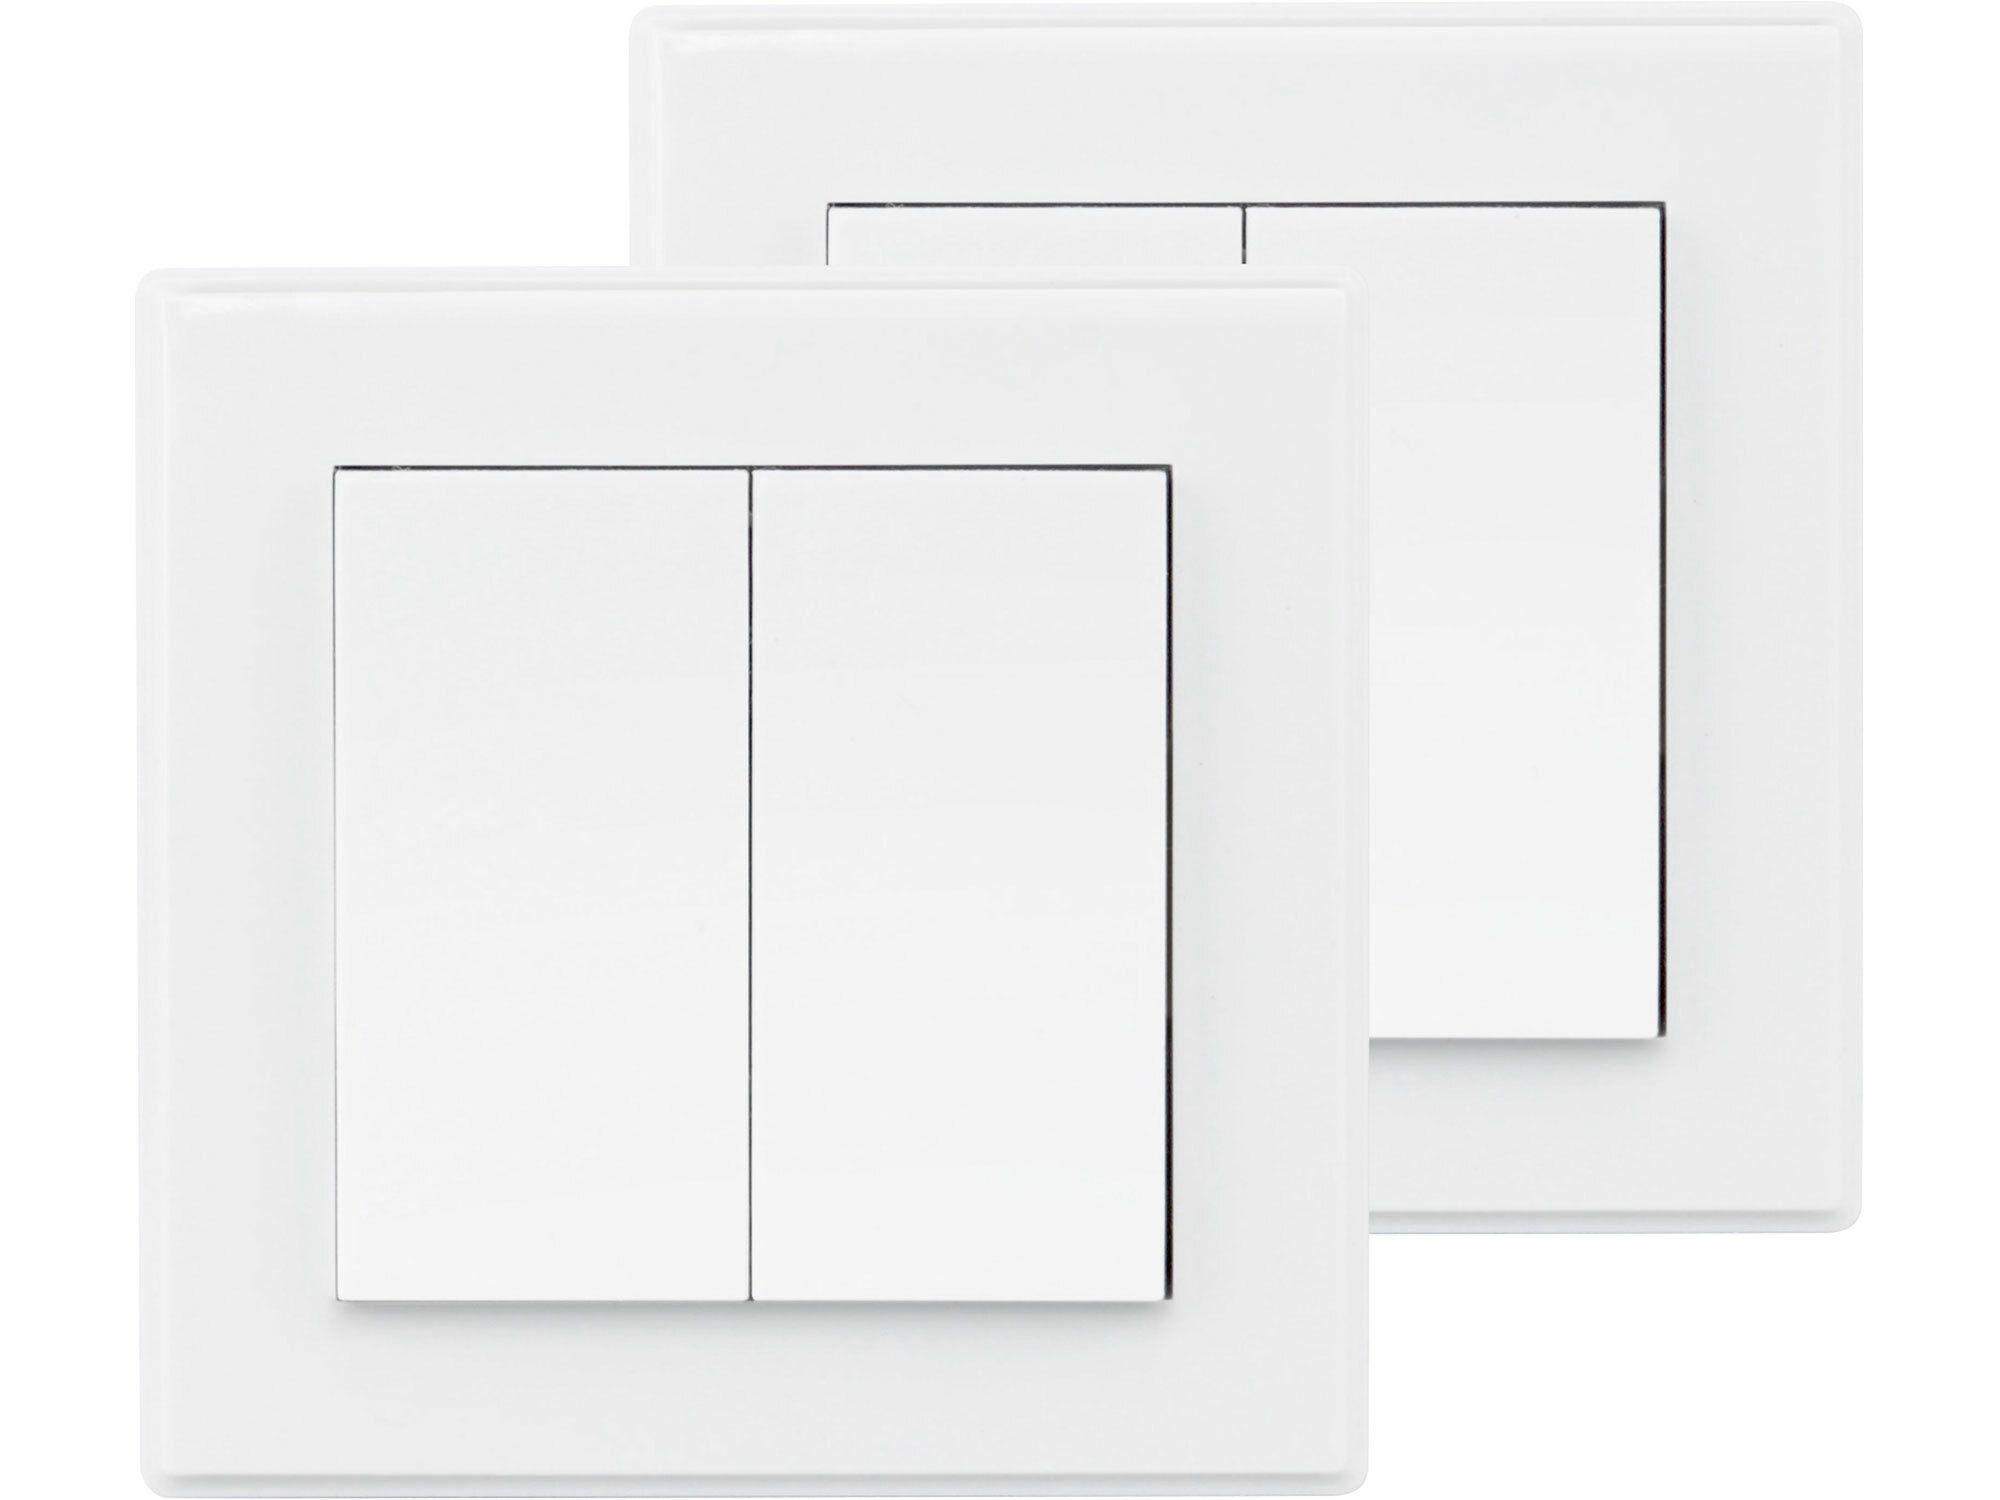 Vypínač/ovladač, dvojitý, 2ks, 2jednotlivé/skupinové kanály EXTOL-LIGHT